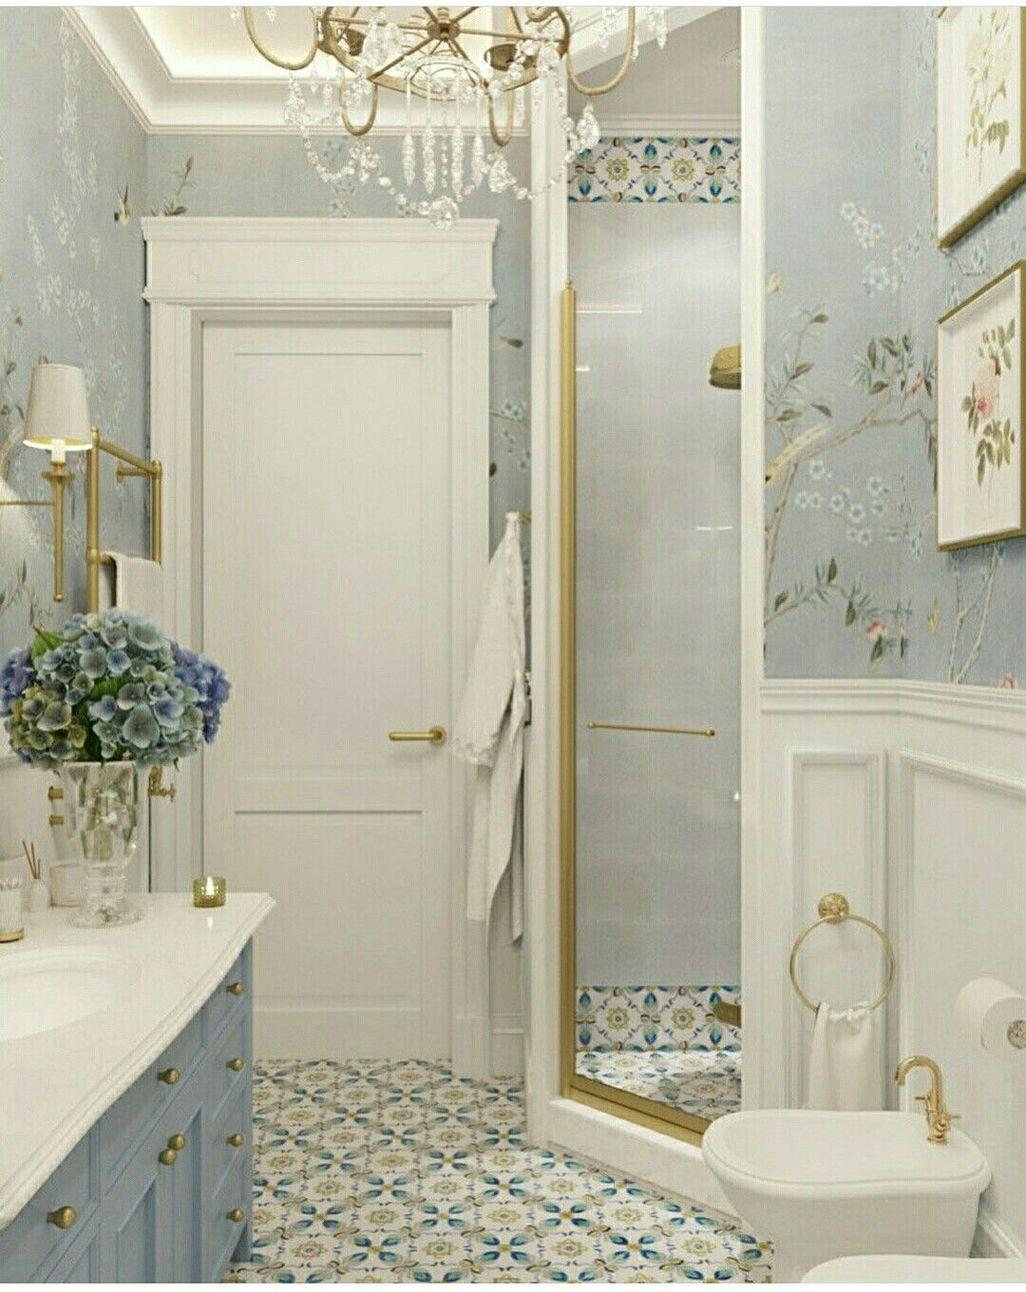 45 Unusual And Wonderful Bathroom Designs Badezimmer Design Klassisches Badezimmer Bad Inspiration